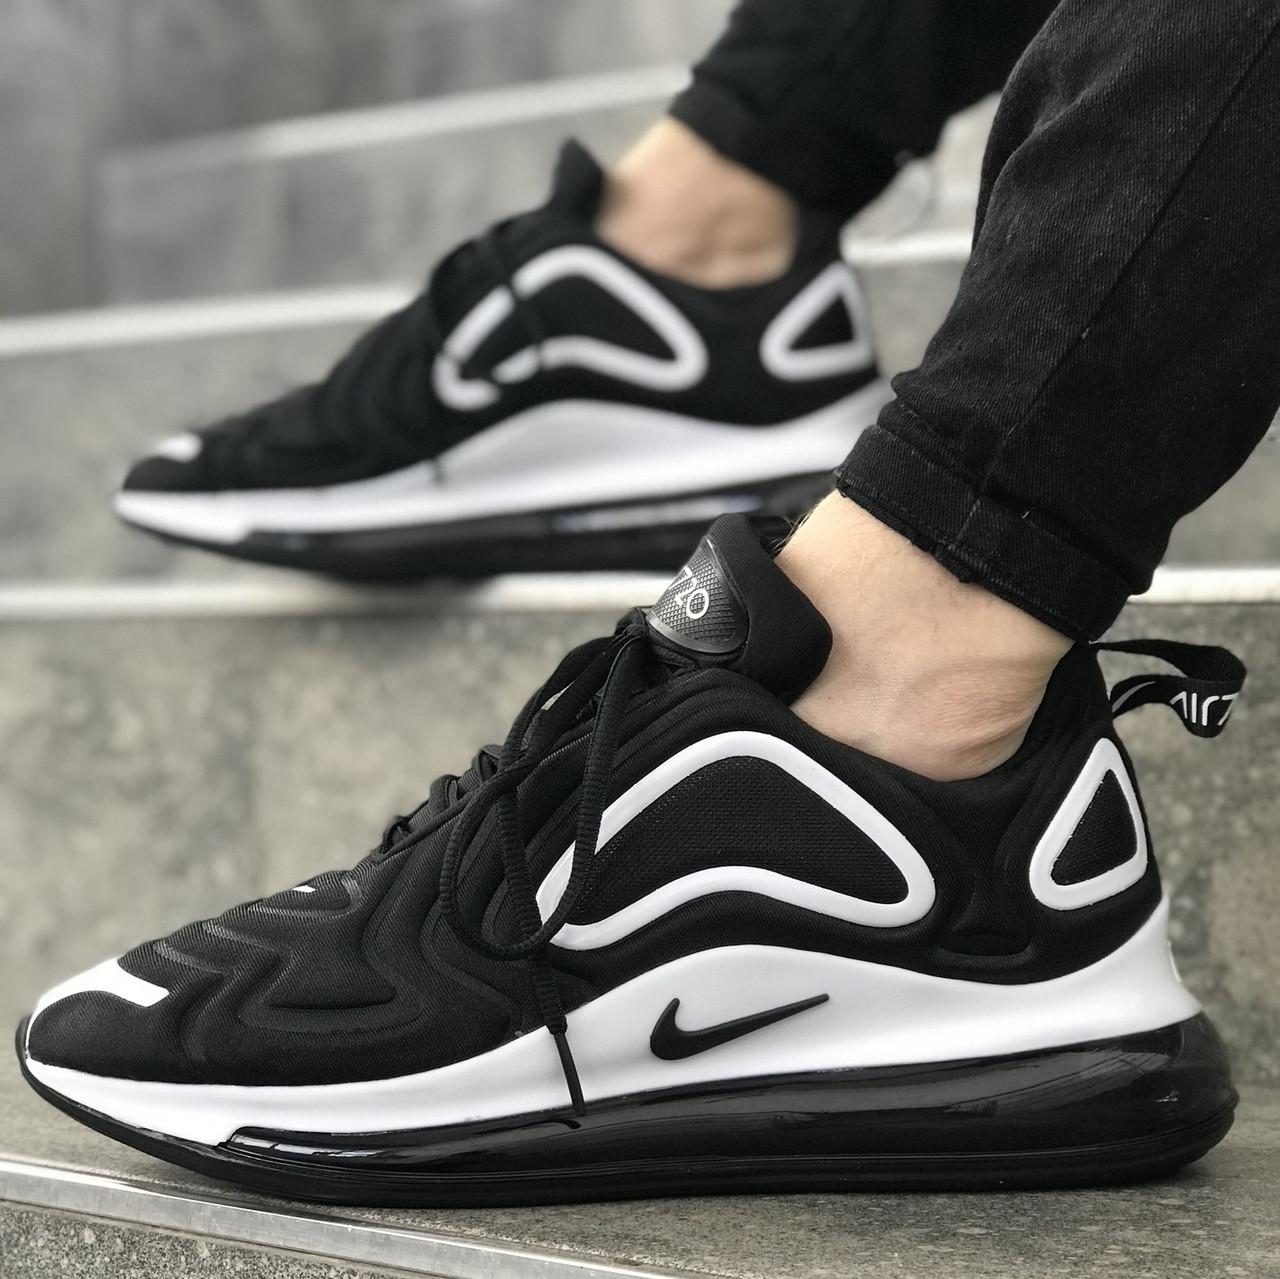 """Кроссовки Nike Air Max 720 """"Black/White"""" (Черные/Белые)"""